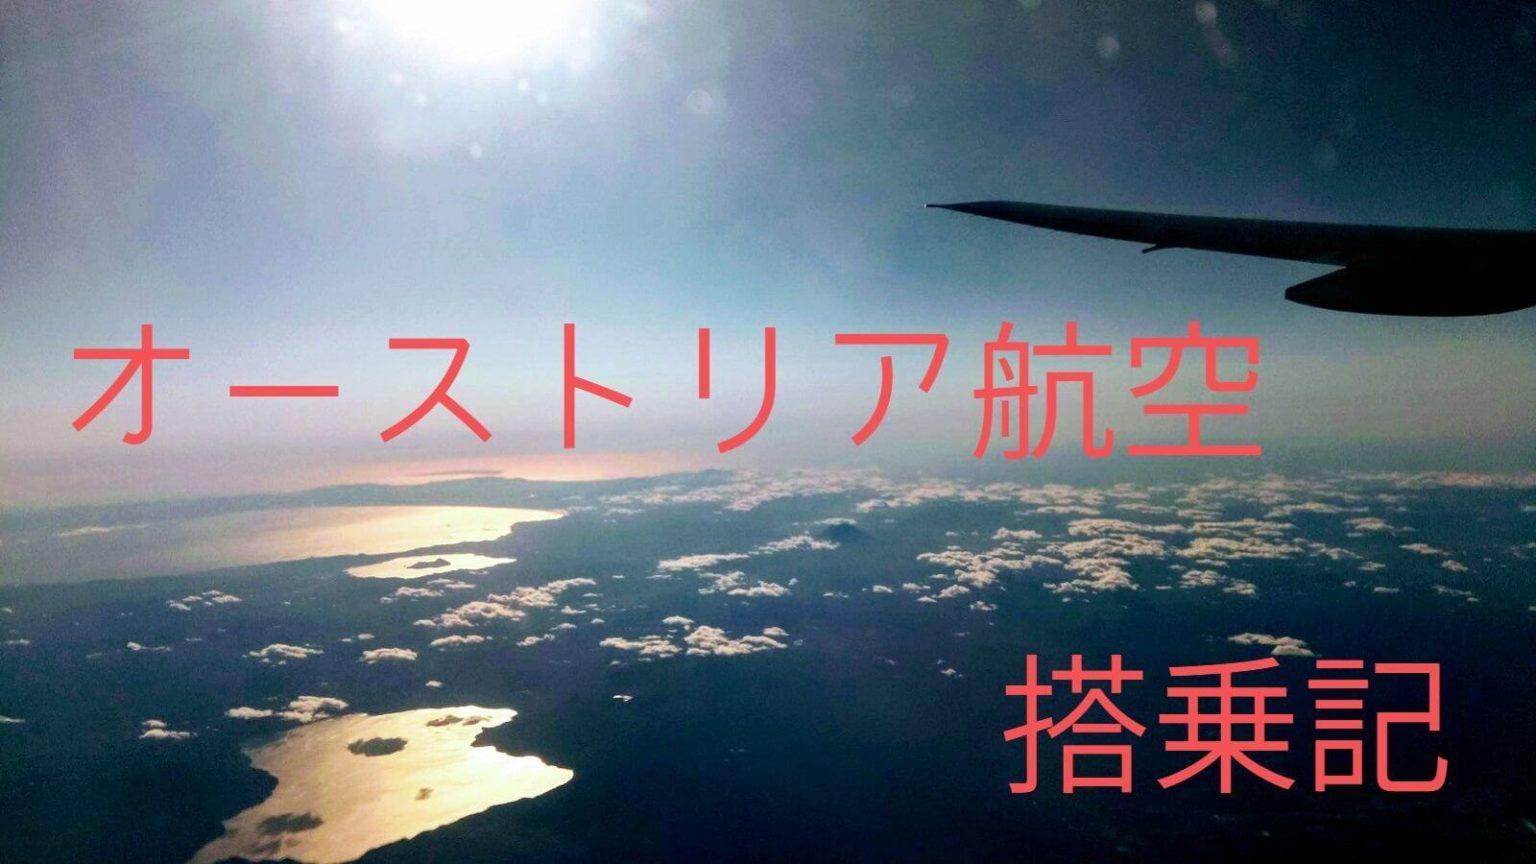 「オーストリア航空搭乗記」画像